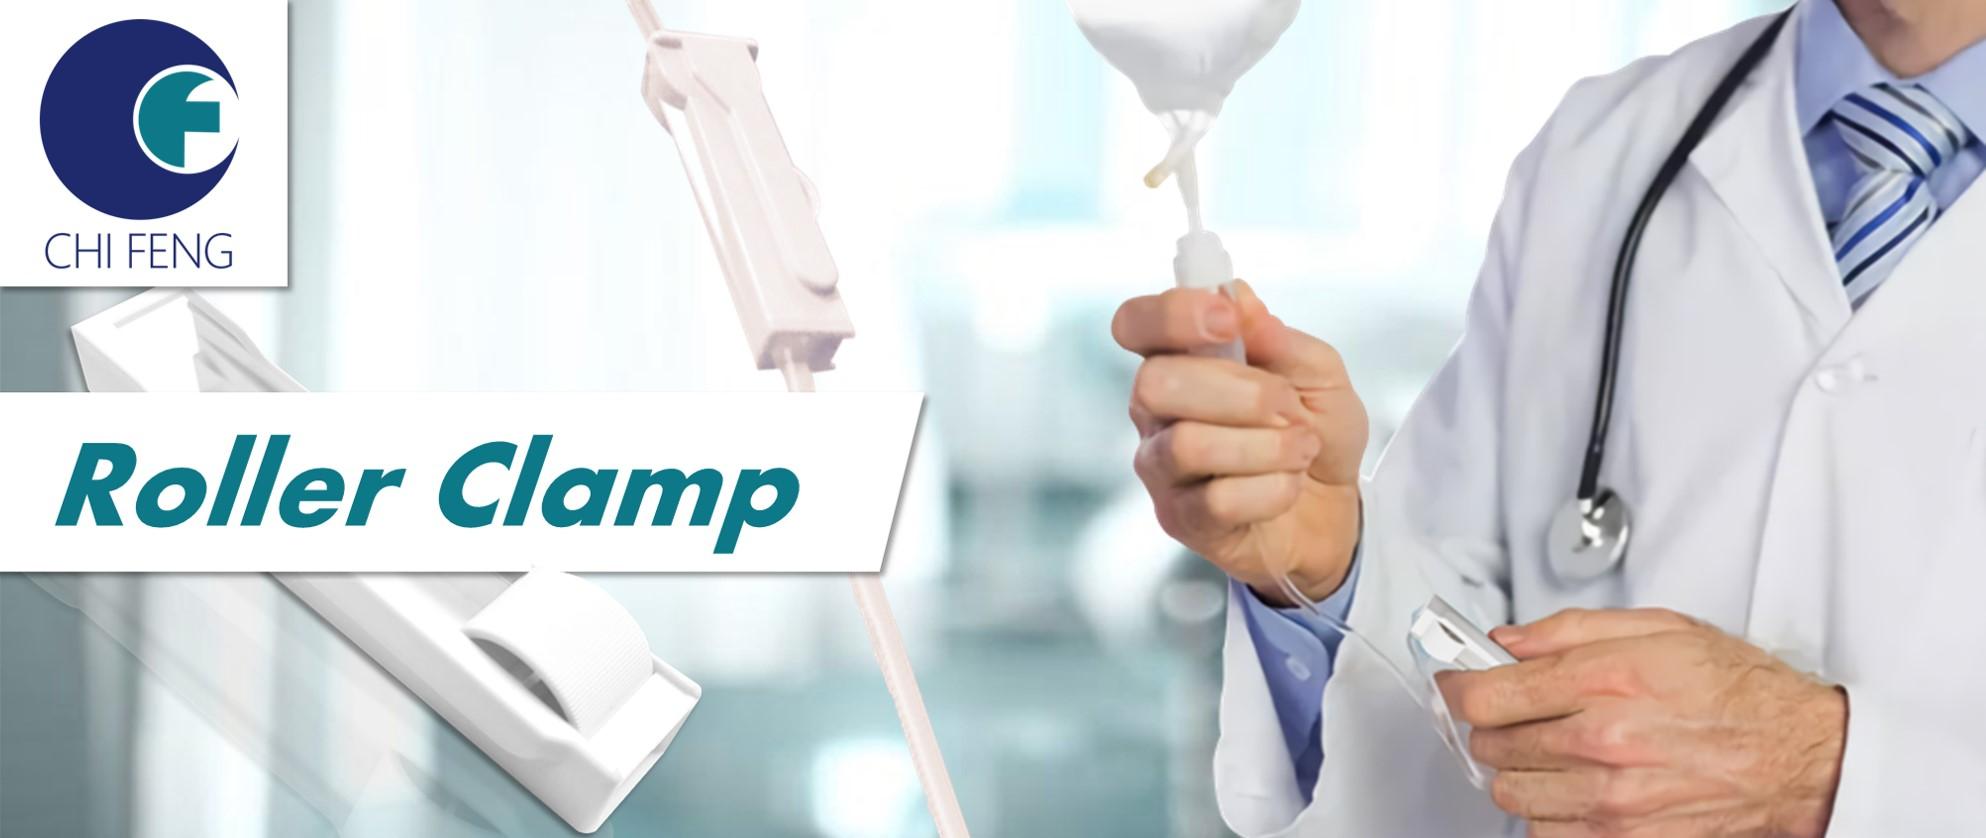 Medical plastic roller clamp ODM OEM parts service